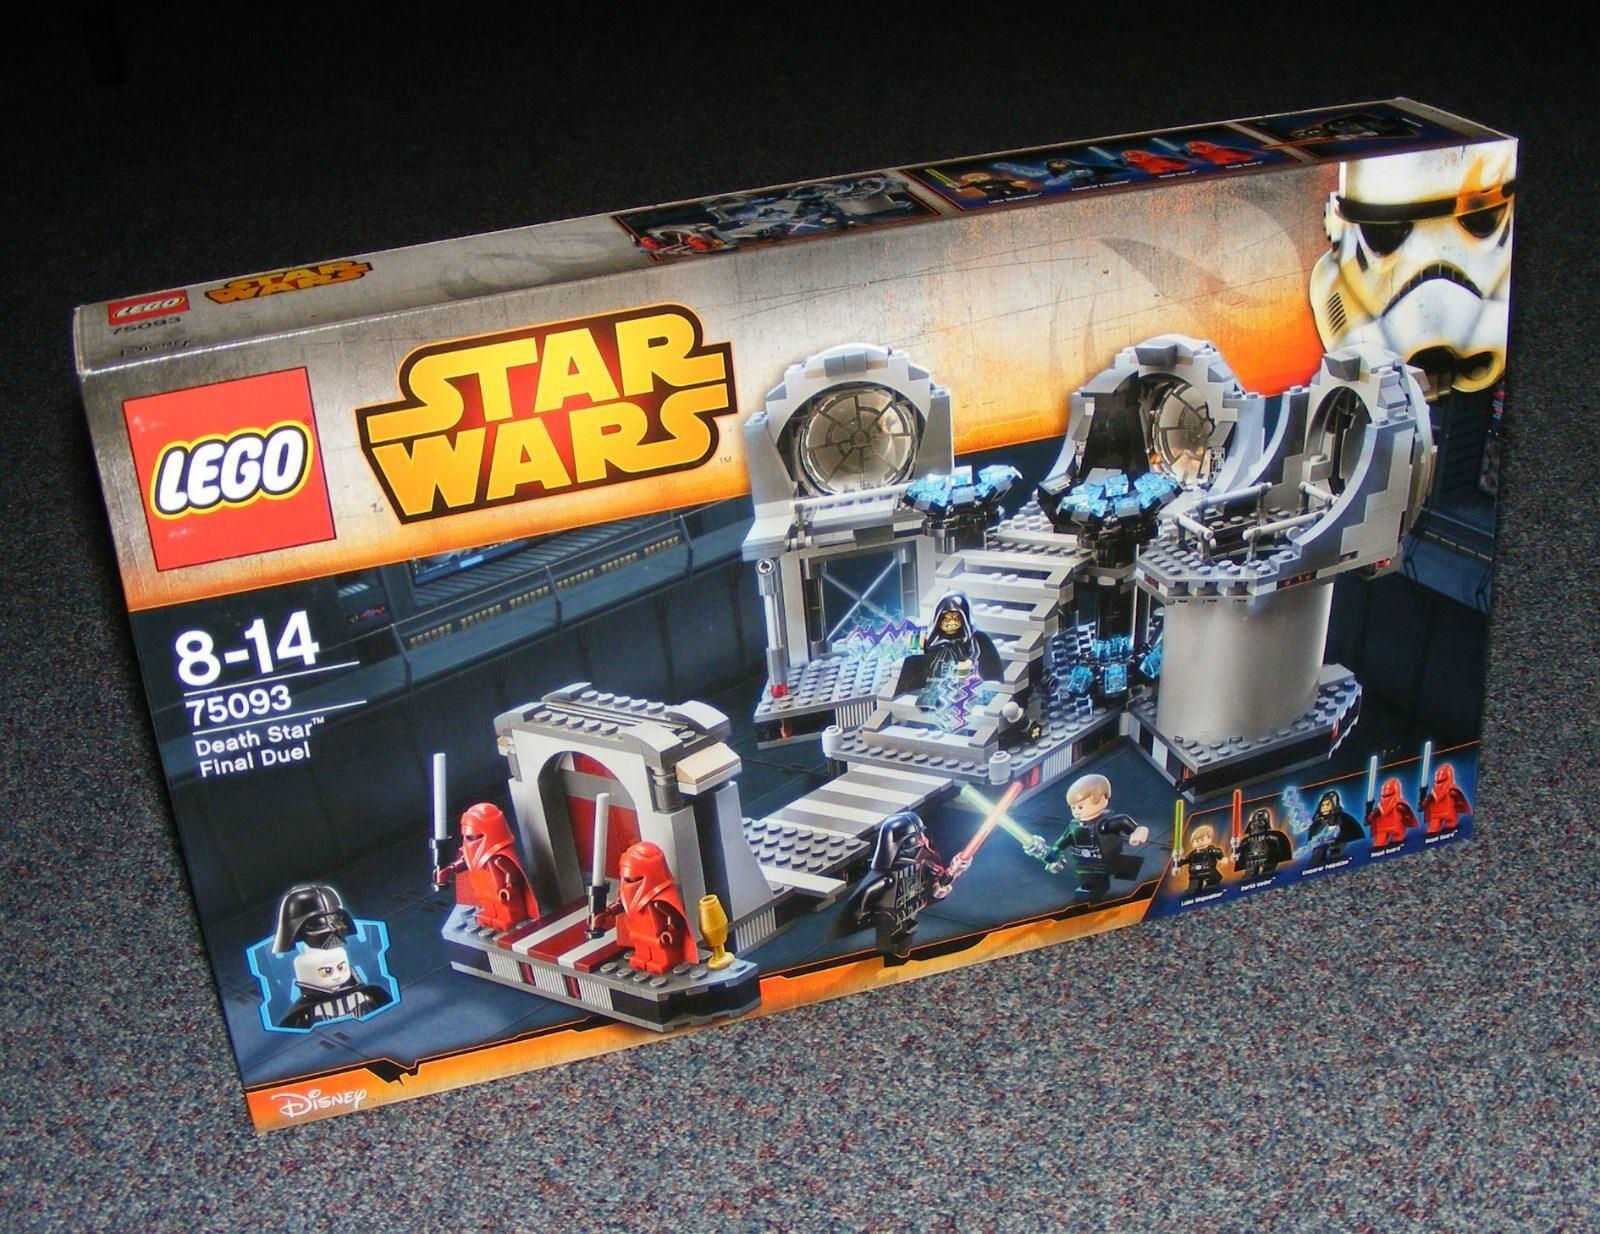 Estrella guerras LEGO  75093 MORTE NERA DUELLO Finale SIGILLATO Nuovo di zecca con scatola  prima i clienti